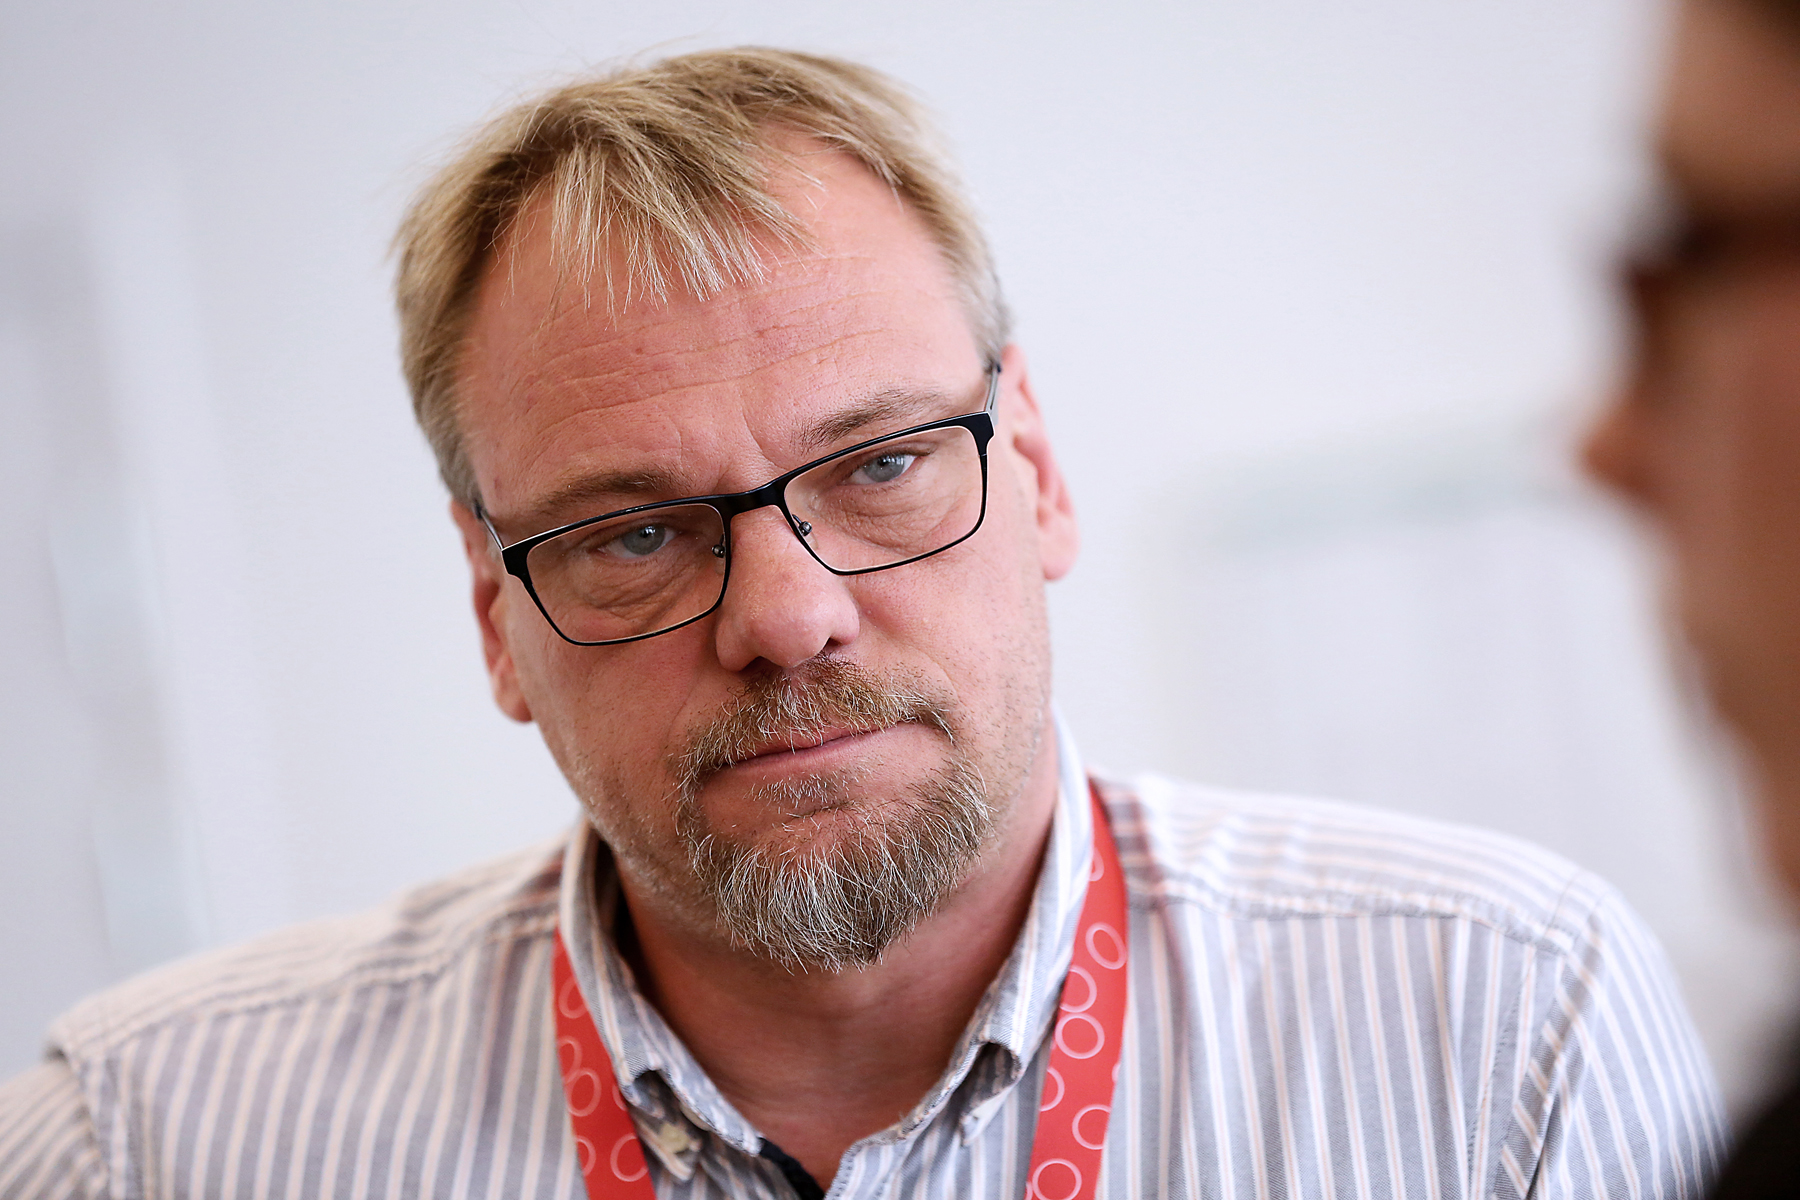 Jan-Olof Gustavsson, Målarnas vice ordförande, säger att de tar beslut på sitt nästa förbundsstyrelsemöte om de ska vara kvar eller lämna Nordea. Foto: Tomas Nyberg